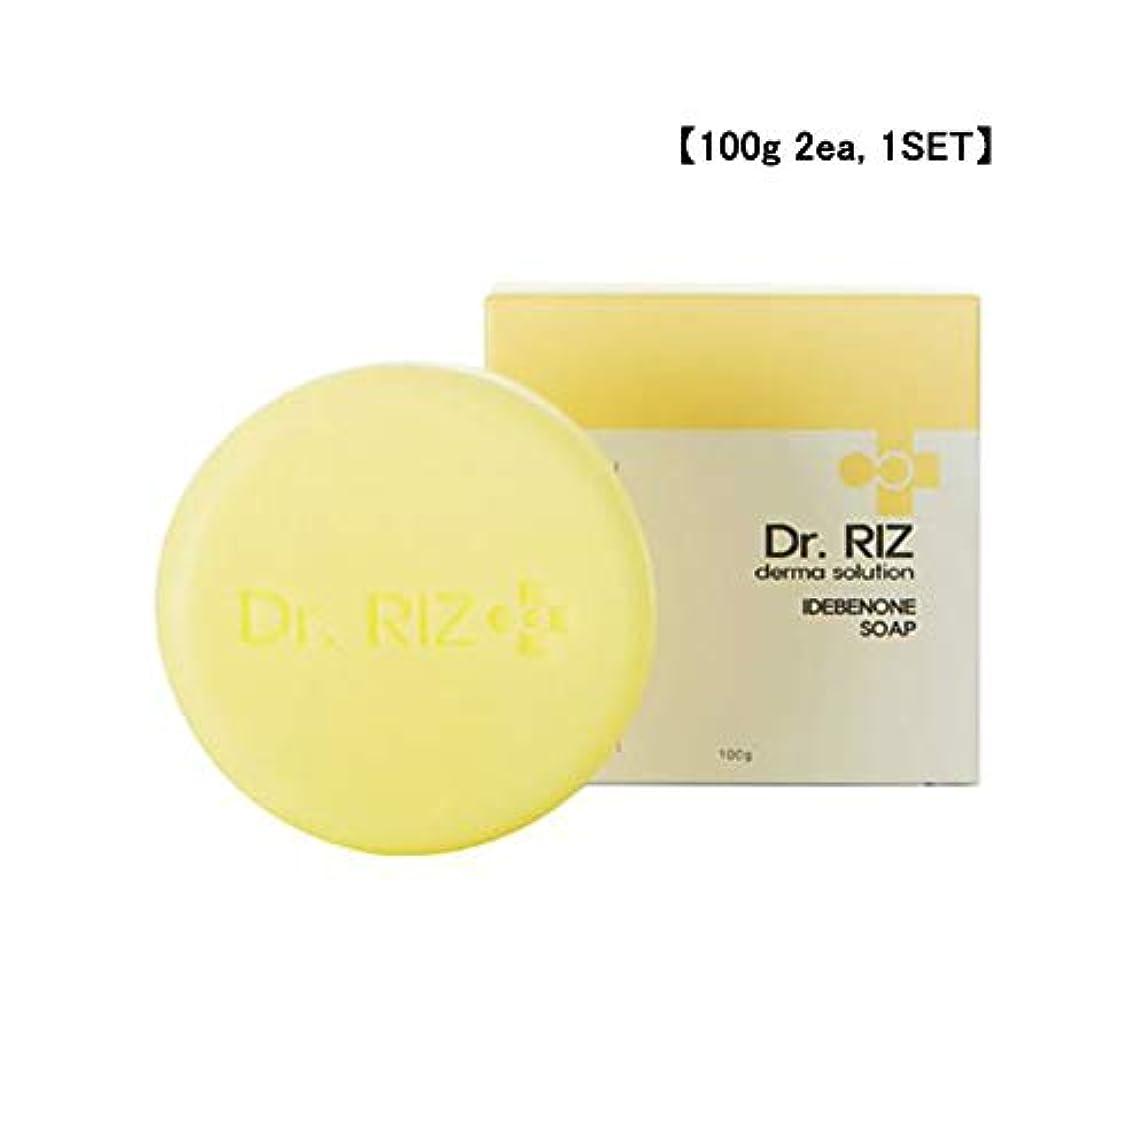 うなずく多くの危険がある状況一生【Dr.RIZ]天然手作り石鹸/イーベノン10,000ppm含有/英国オーガニック認定原料ローズヒップオイル配合/Derma solution [並行輸入品] (100g 2ea)